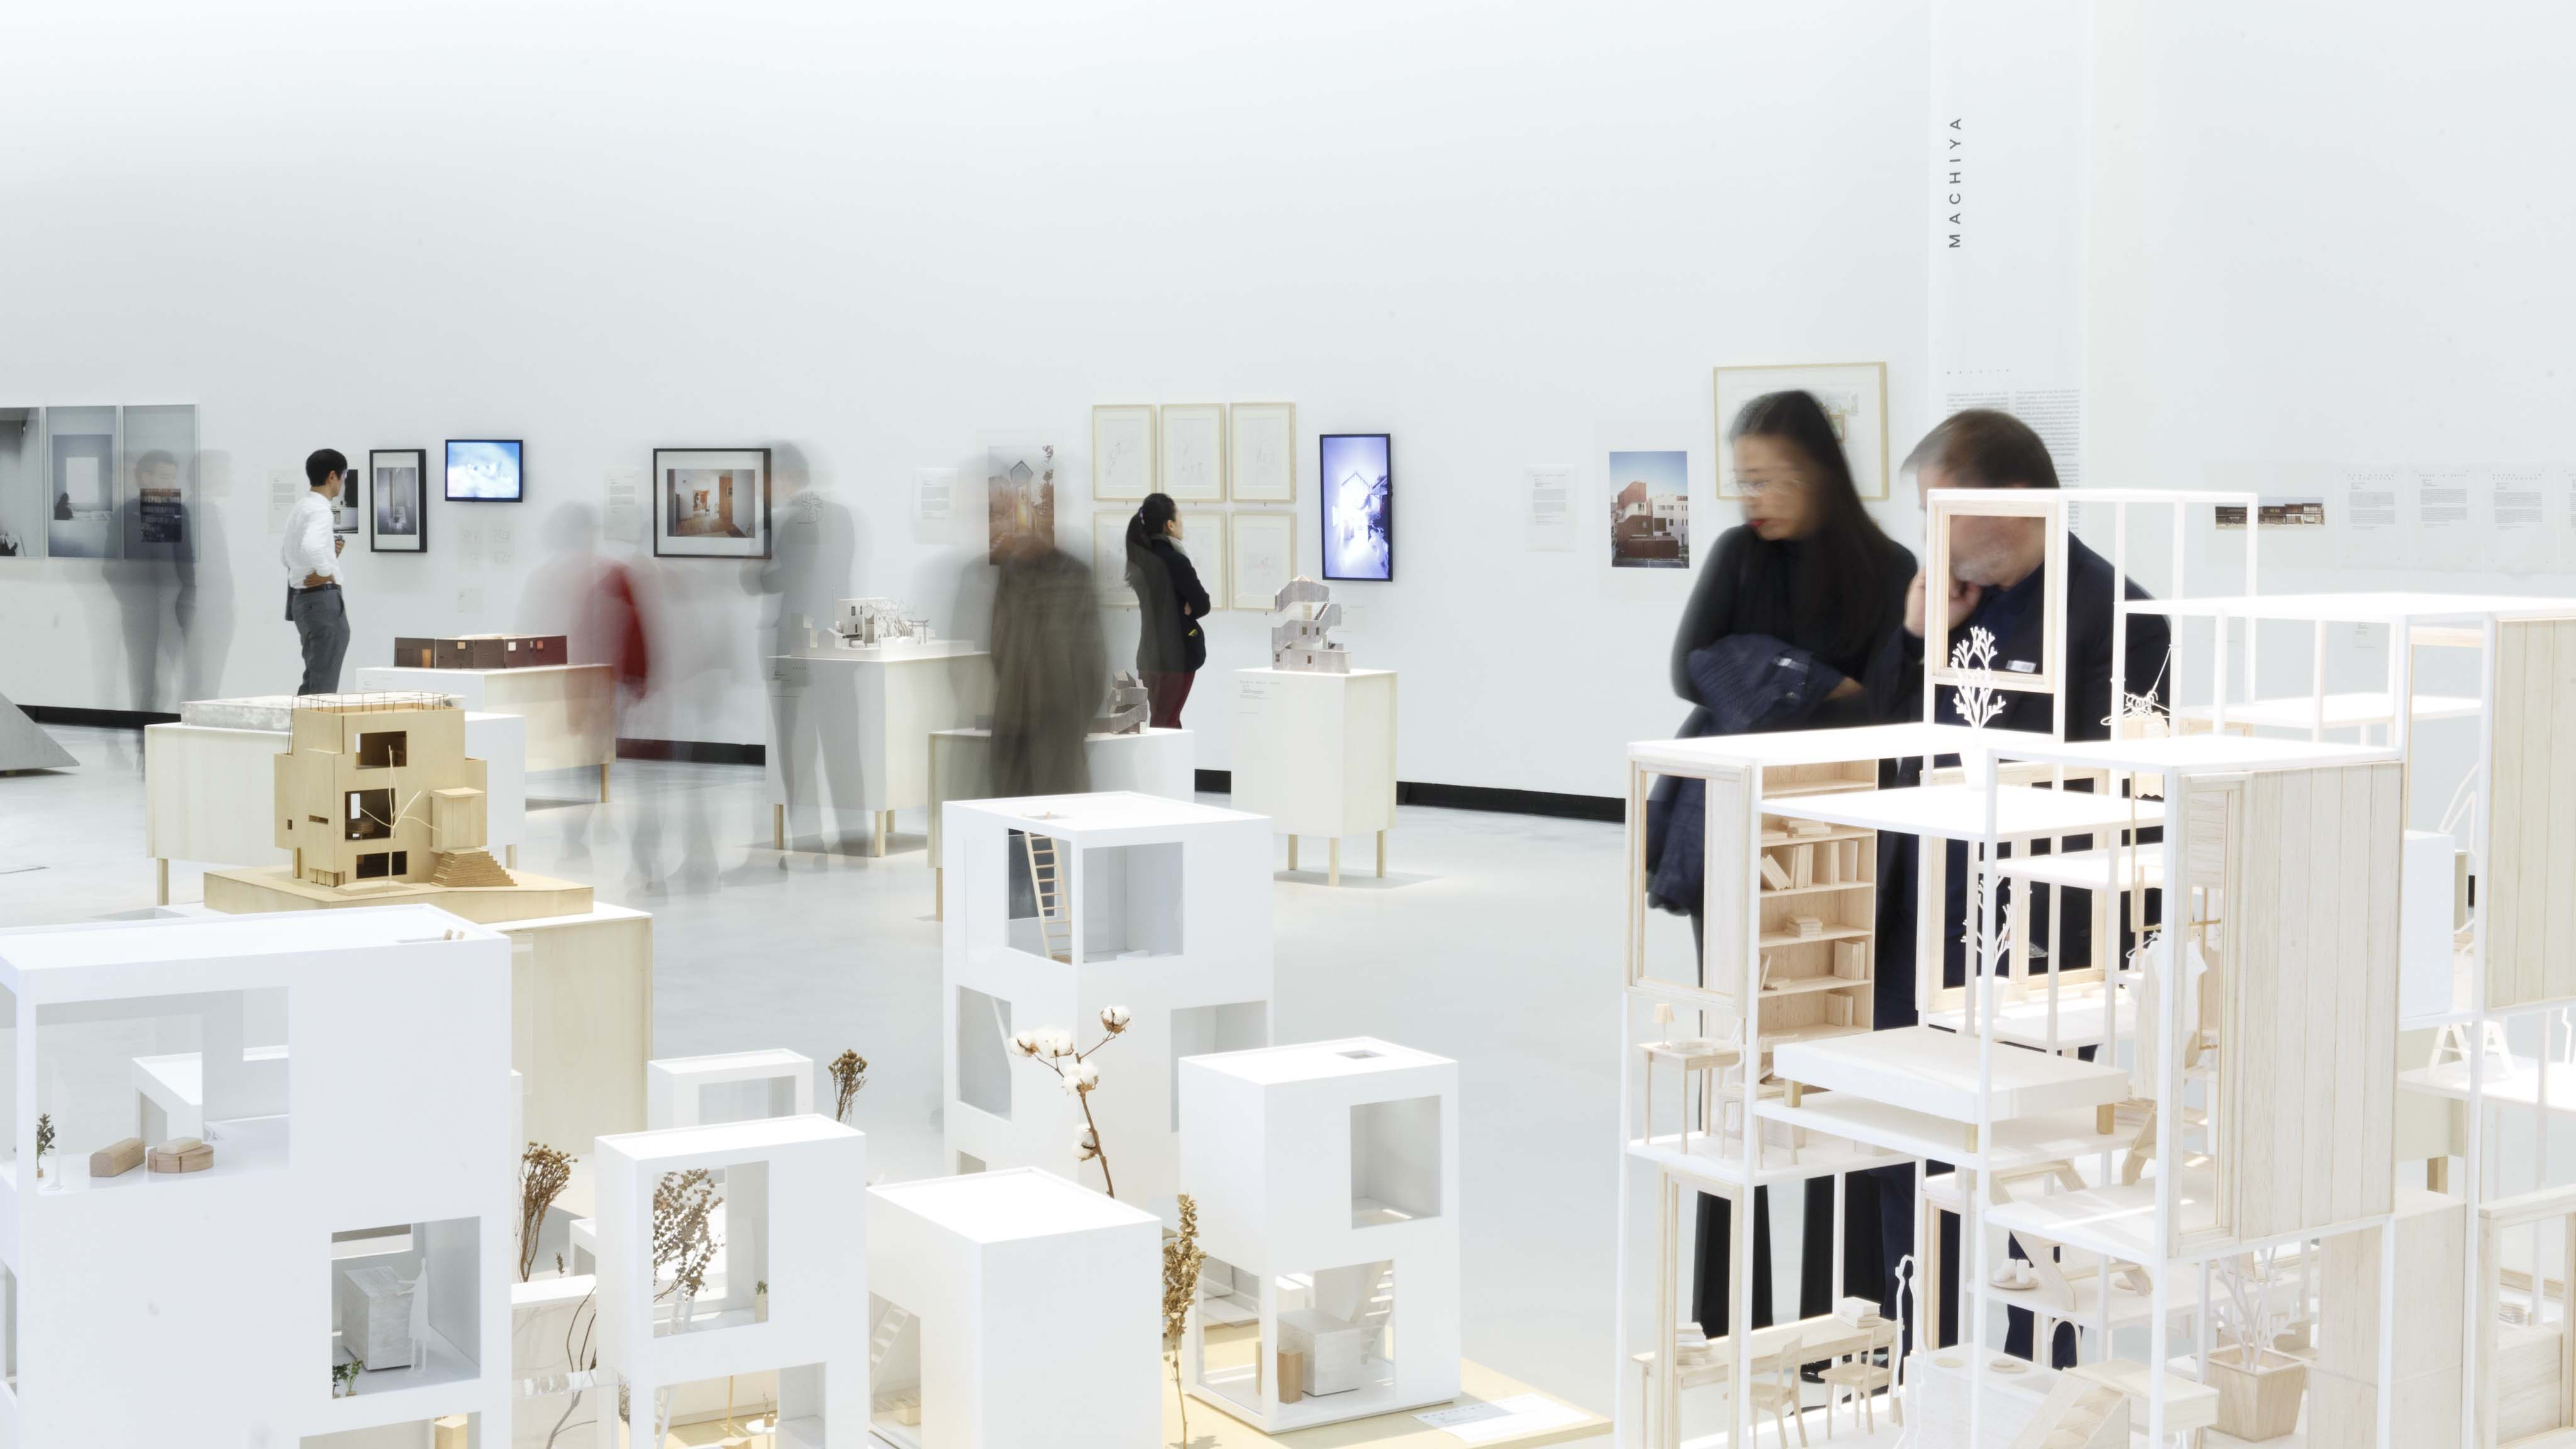 The Japanese House. Architettura e vita dal 1945 a oggi. Photo Musacchio & Ianniello. Courtesy Fondazione MAXXI